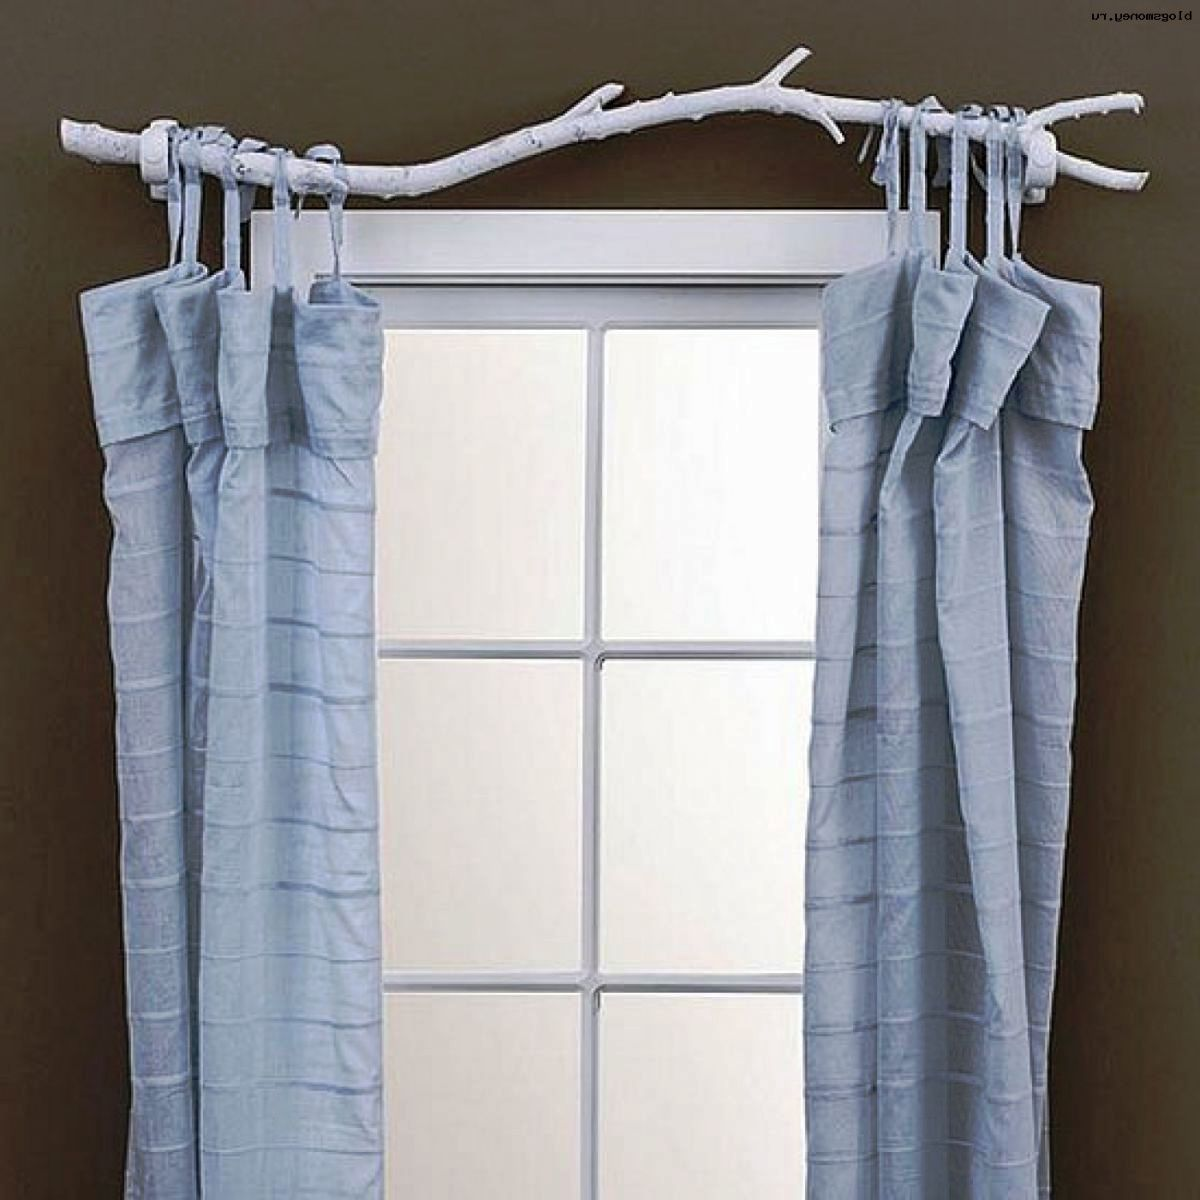 Необычный карниз для штор - украшение окна